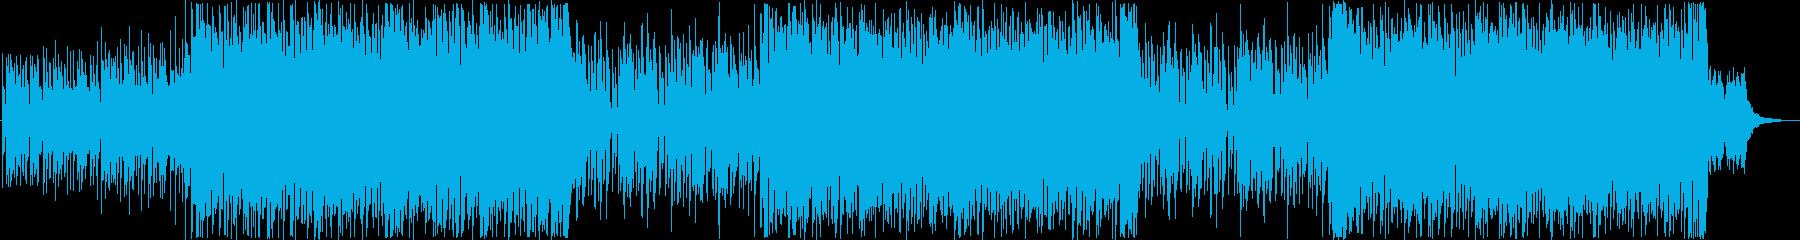 サッカー・スポーツ/大合唱EDMアンセムの再生済みの波形